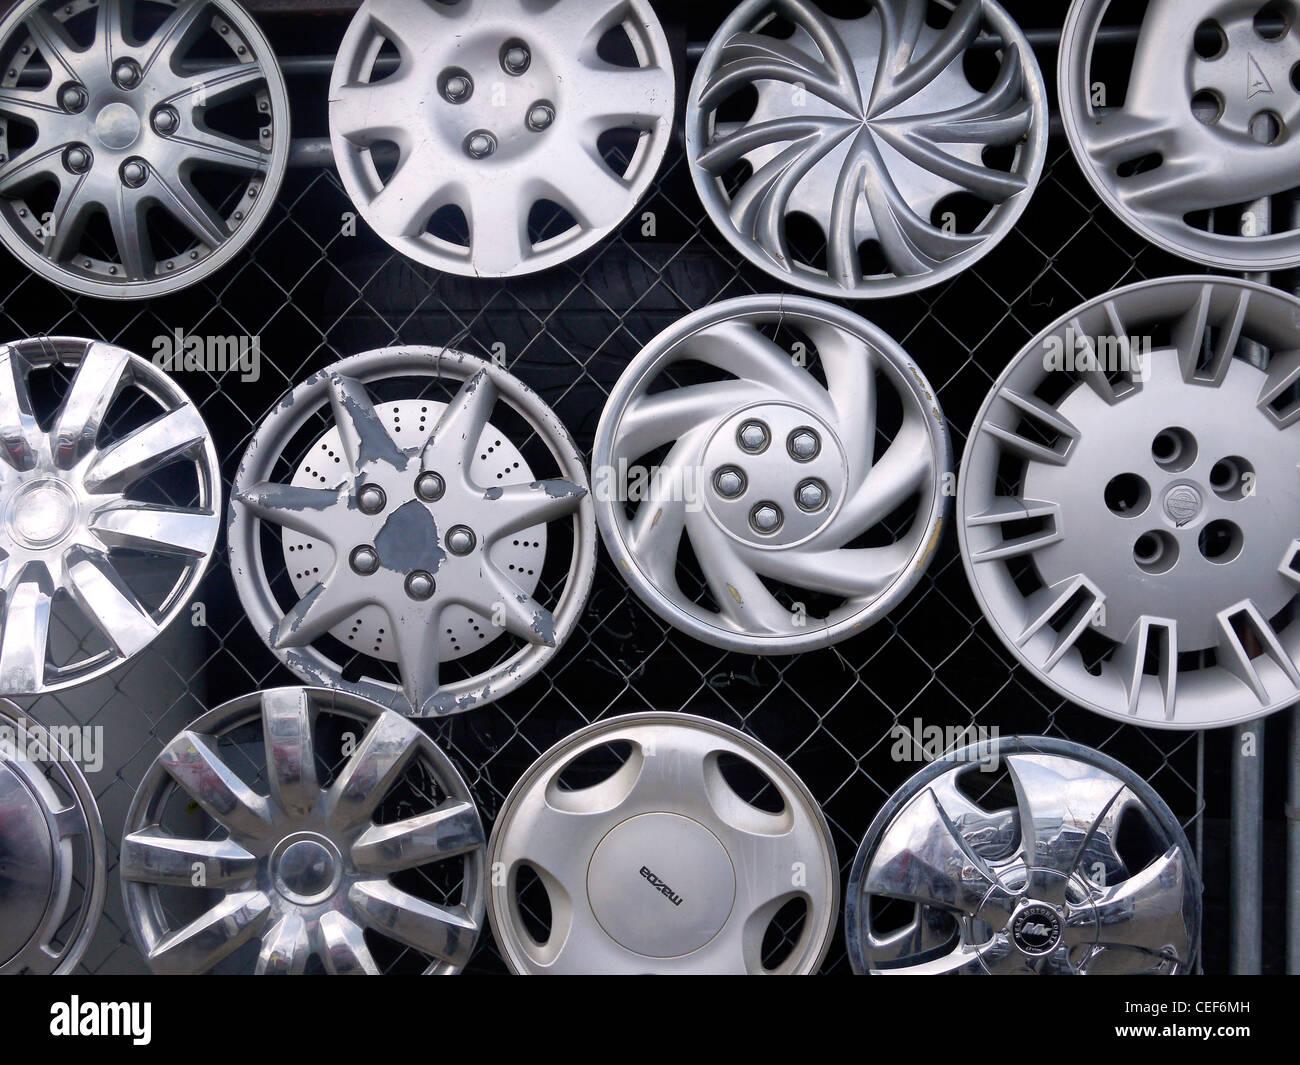 Wheel Hubcaps Stockfotos & Wheel Hubcaps Bilder - Alamy